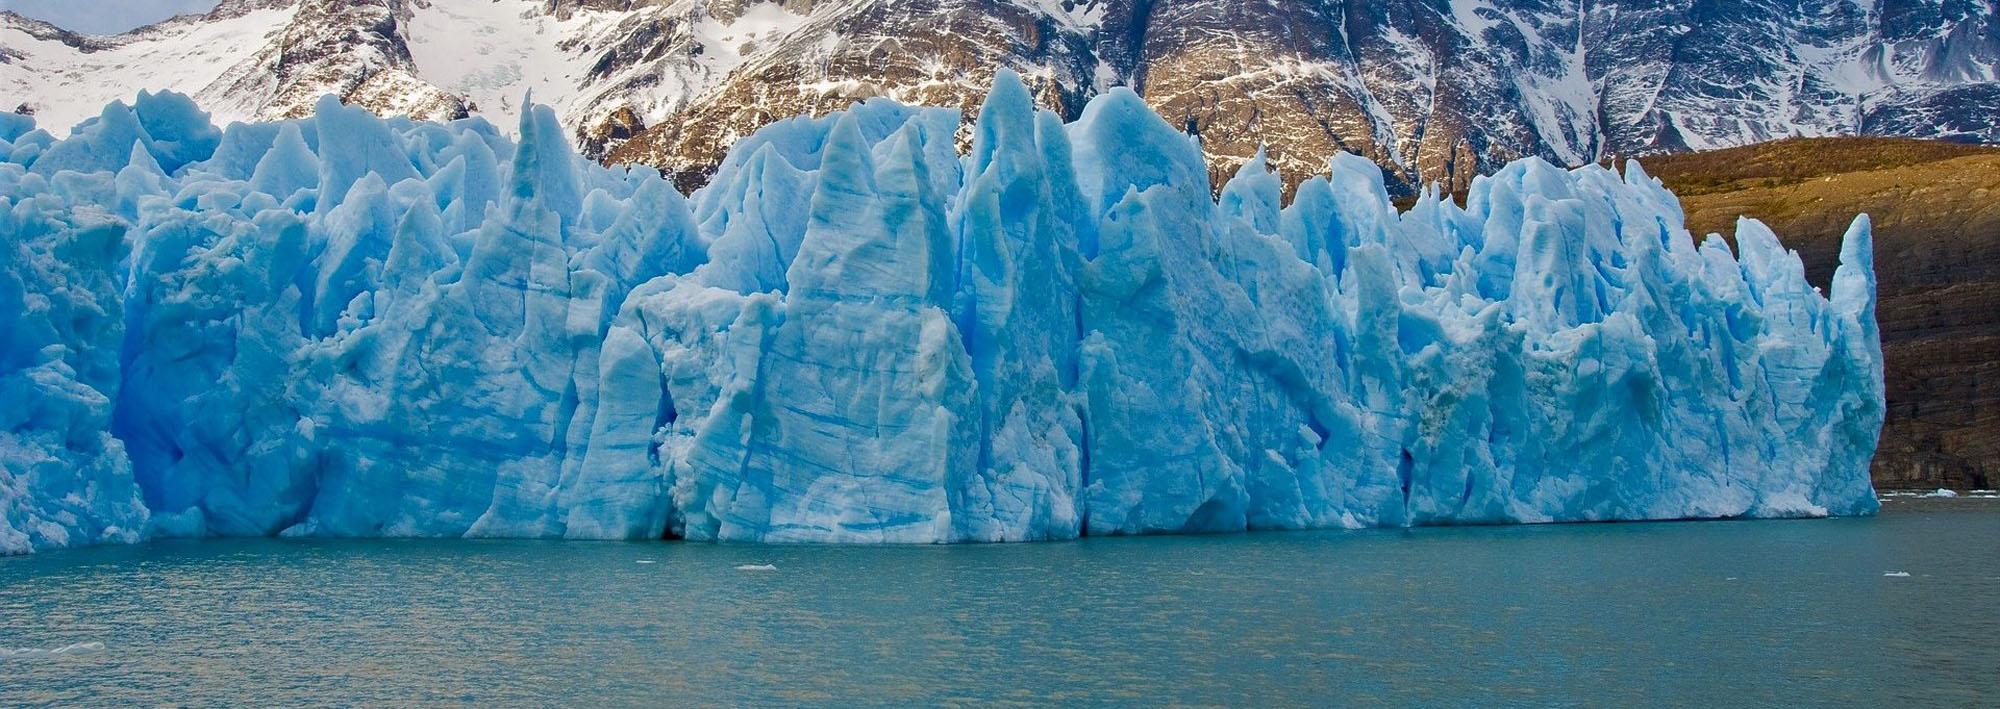 Luxury Patagonian Explorer